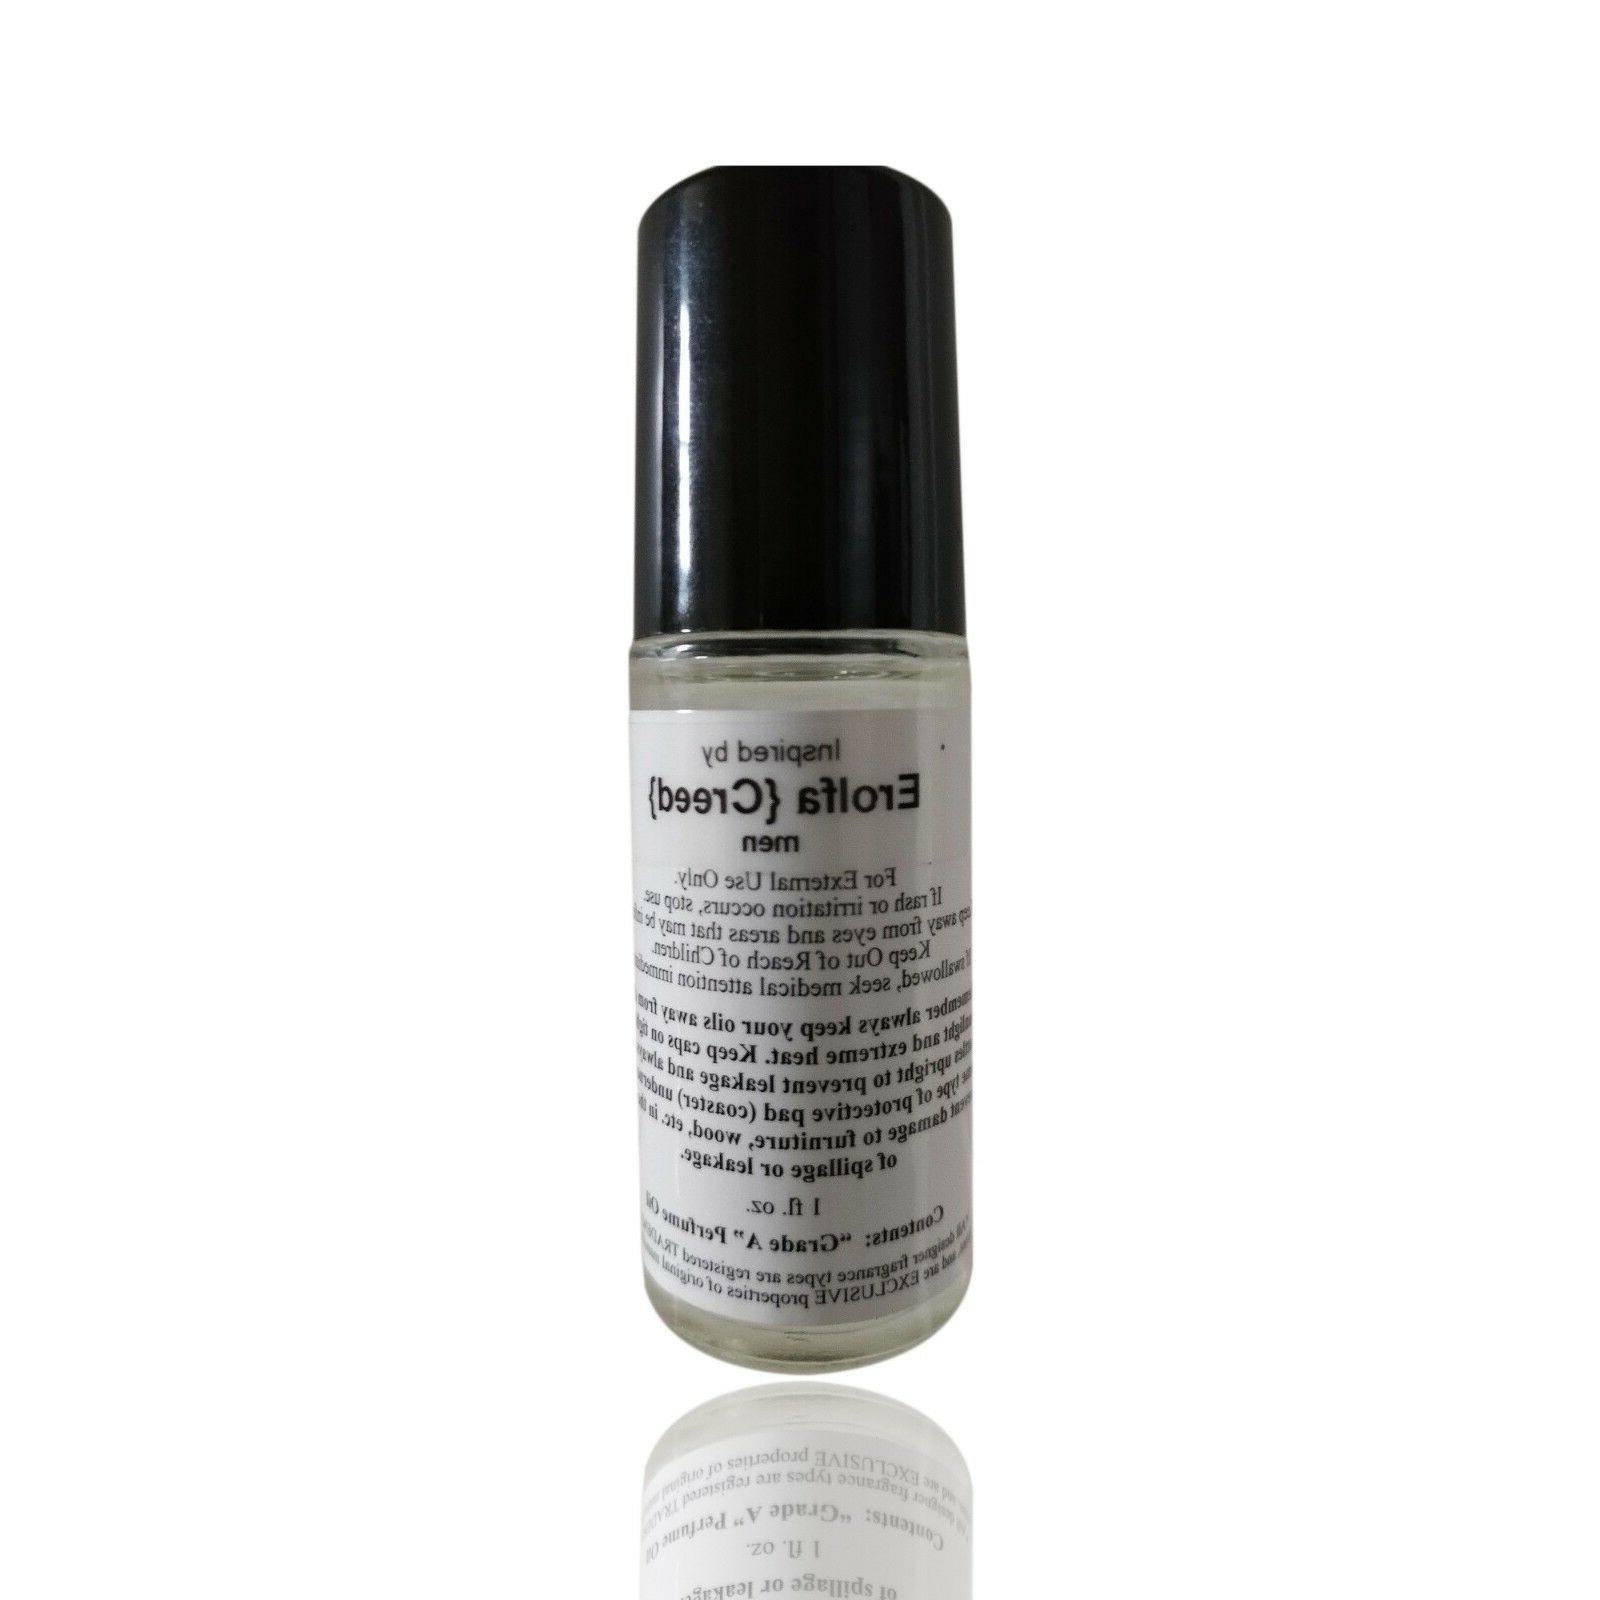 *Erolfa Type 1 oz Roll-on Cologne Men Fragrance Body Oil